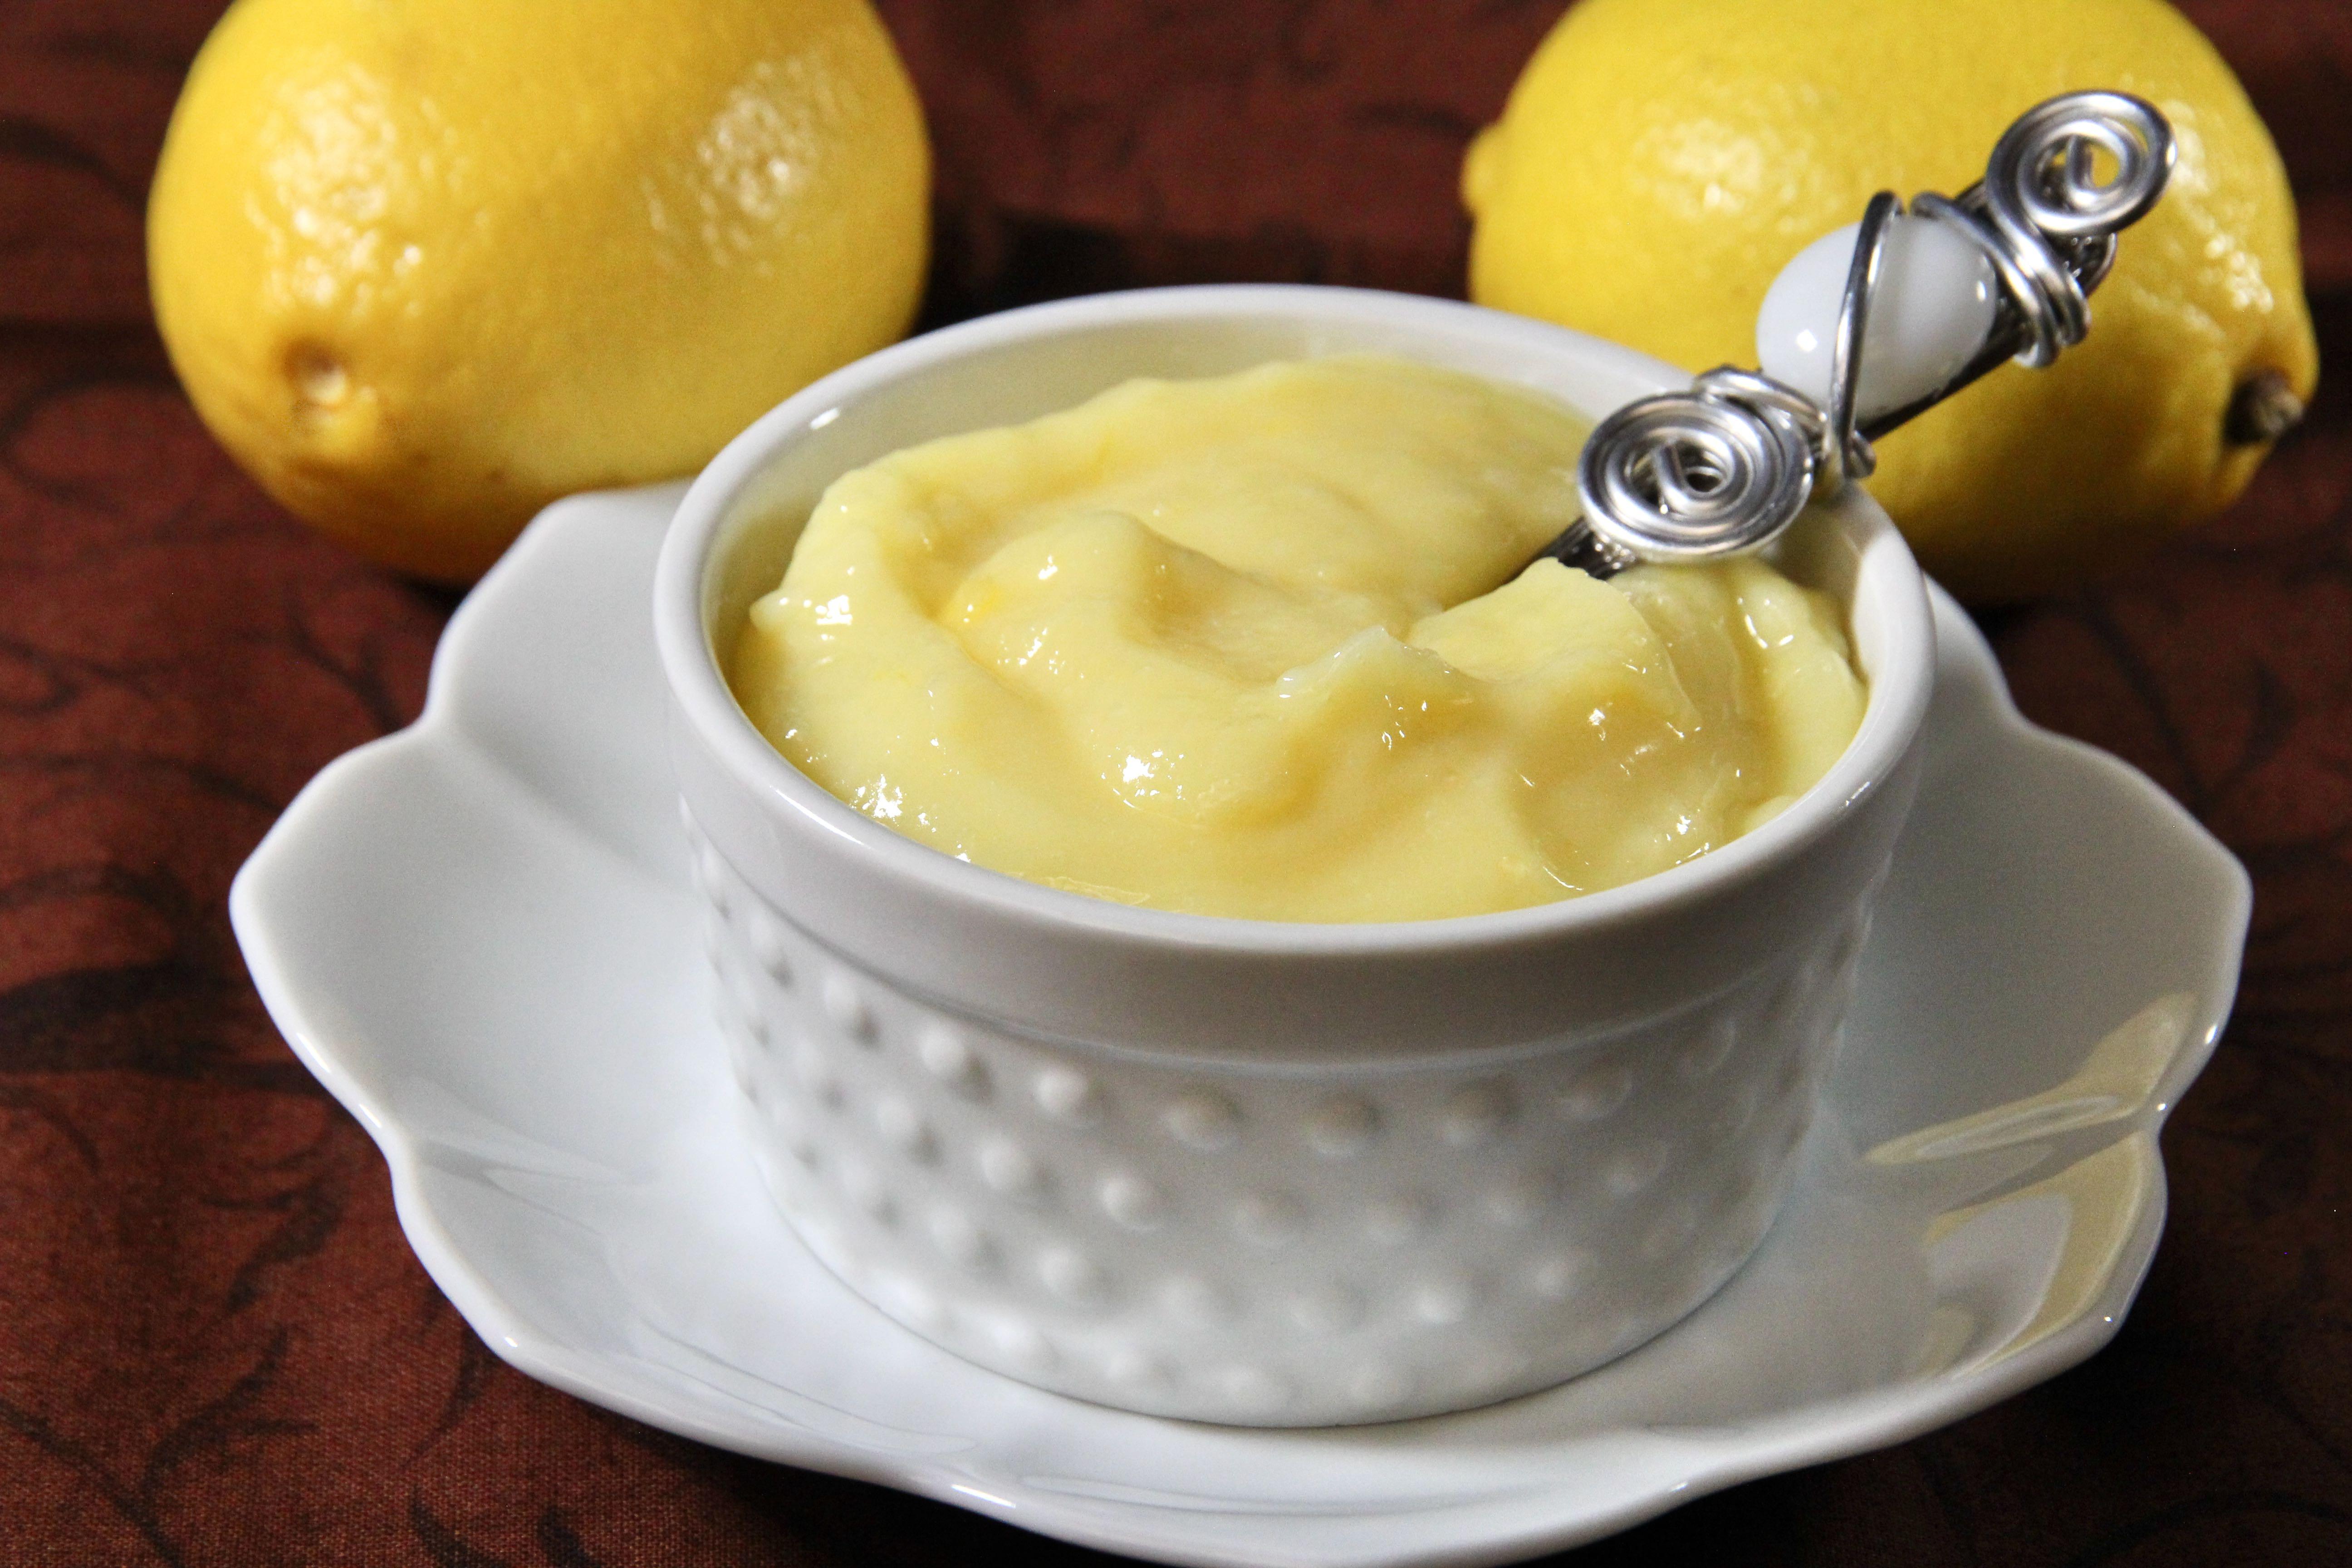 Chef John's Lighter Lemon Curd lutzflcat